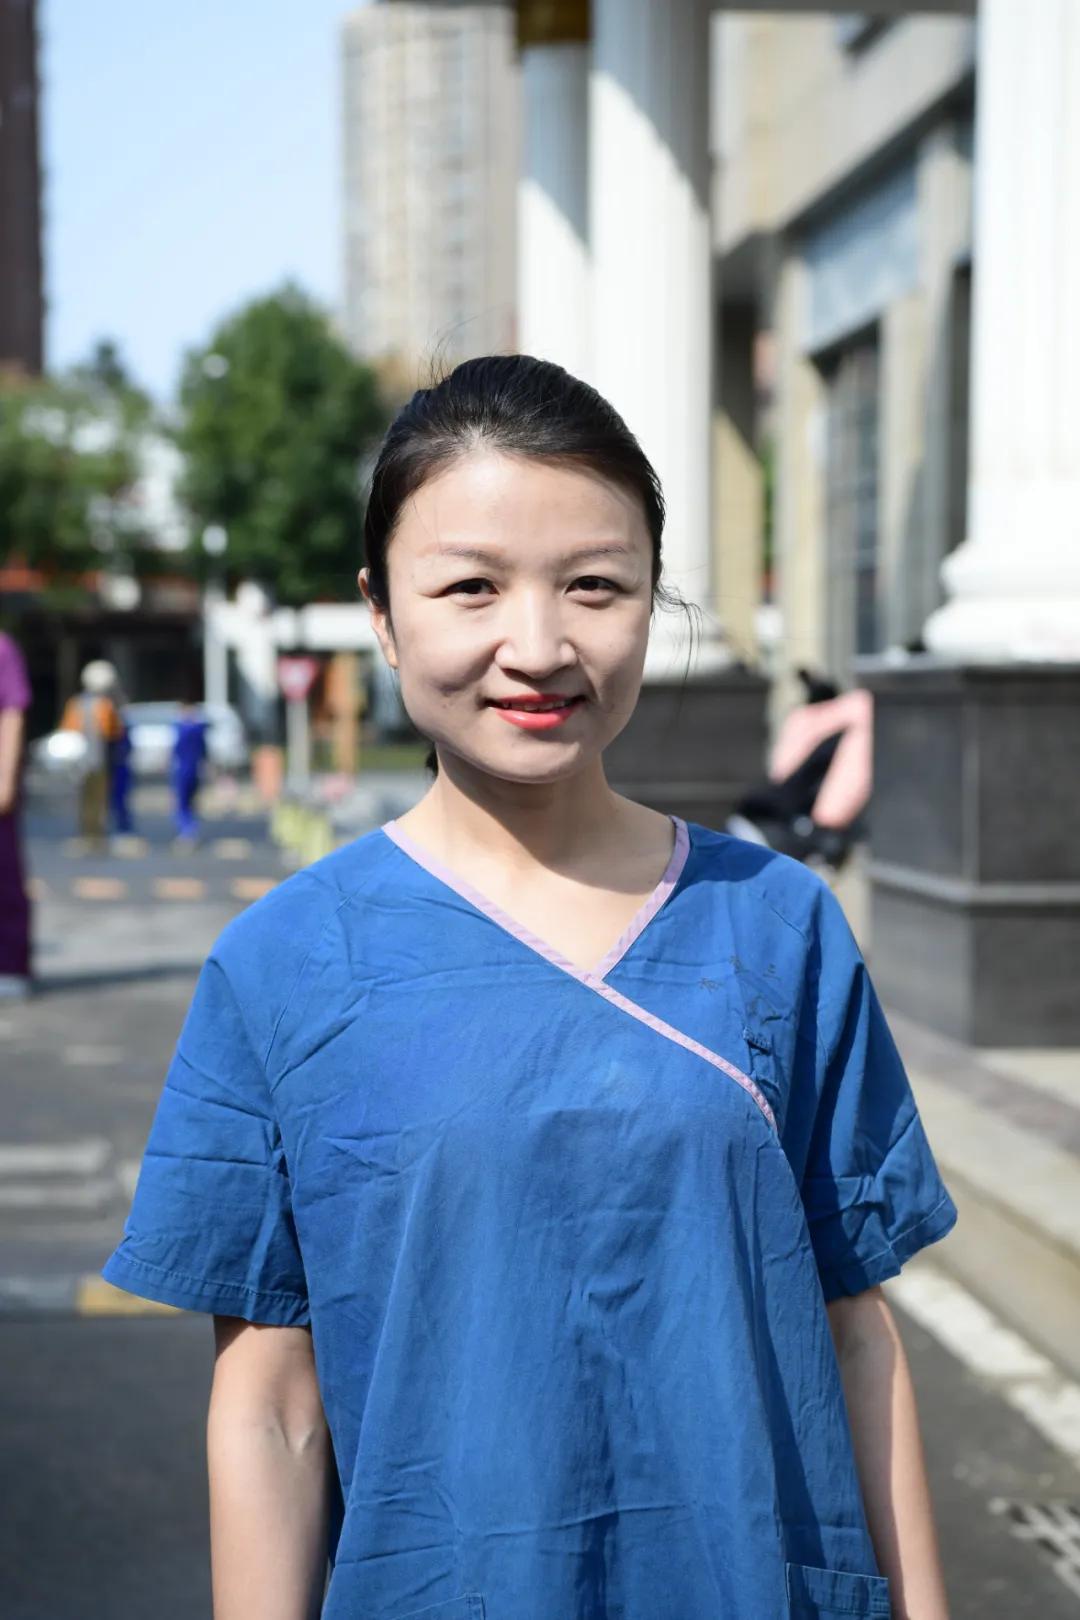 援鄂护士收到来自武汉的特殊礼物——「要记你们一辈子!」